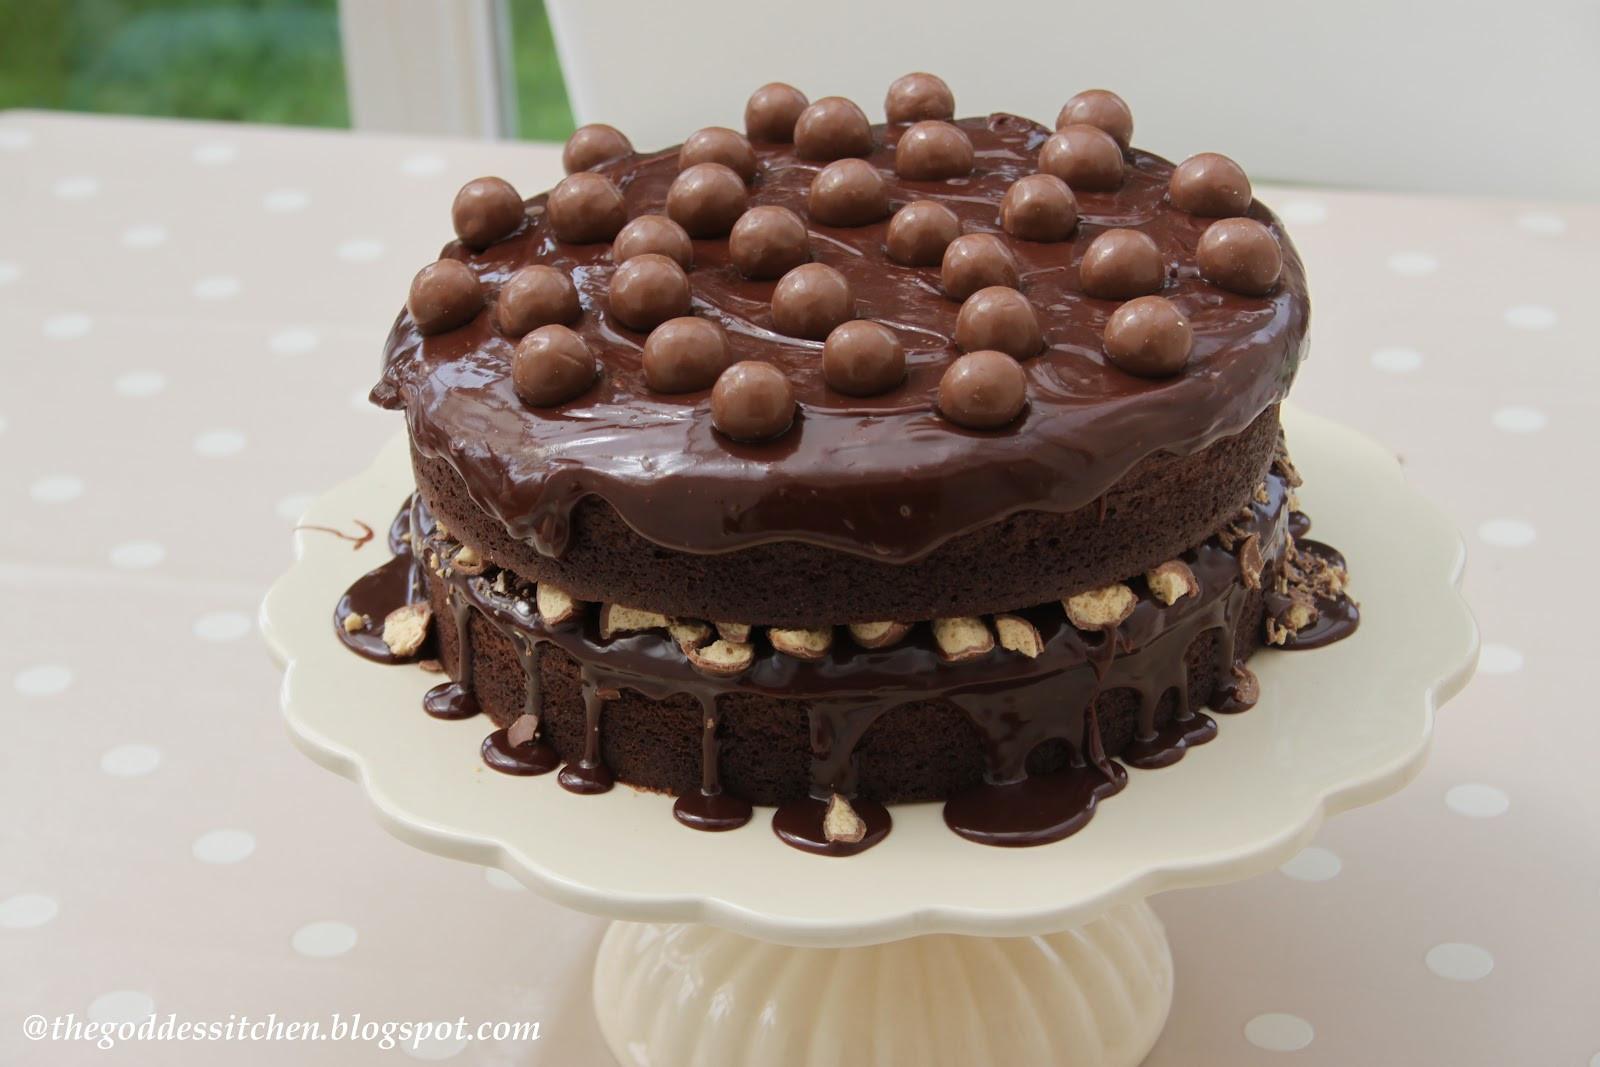 Chocolate Birthday Cake  The Goddess s Kitchen ♥ Chocolate Birthday Cake